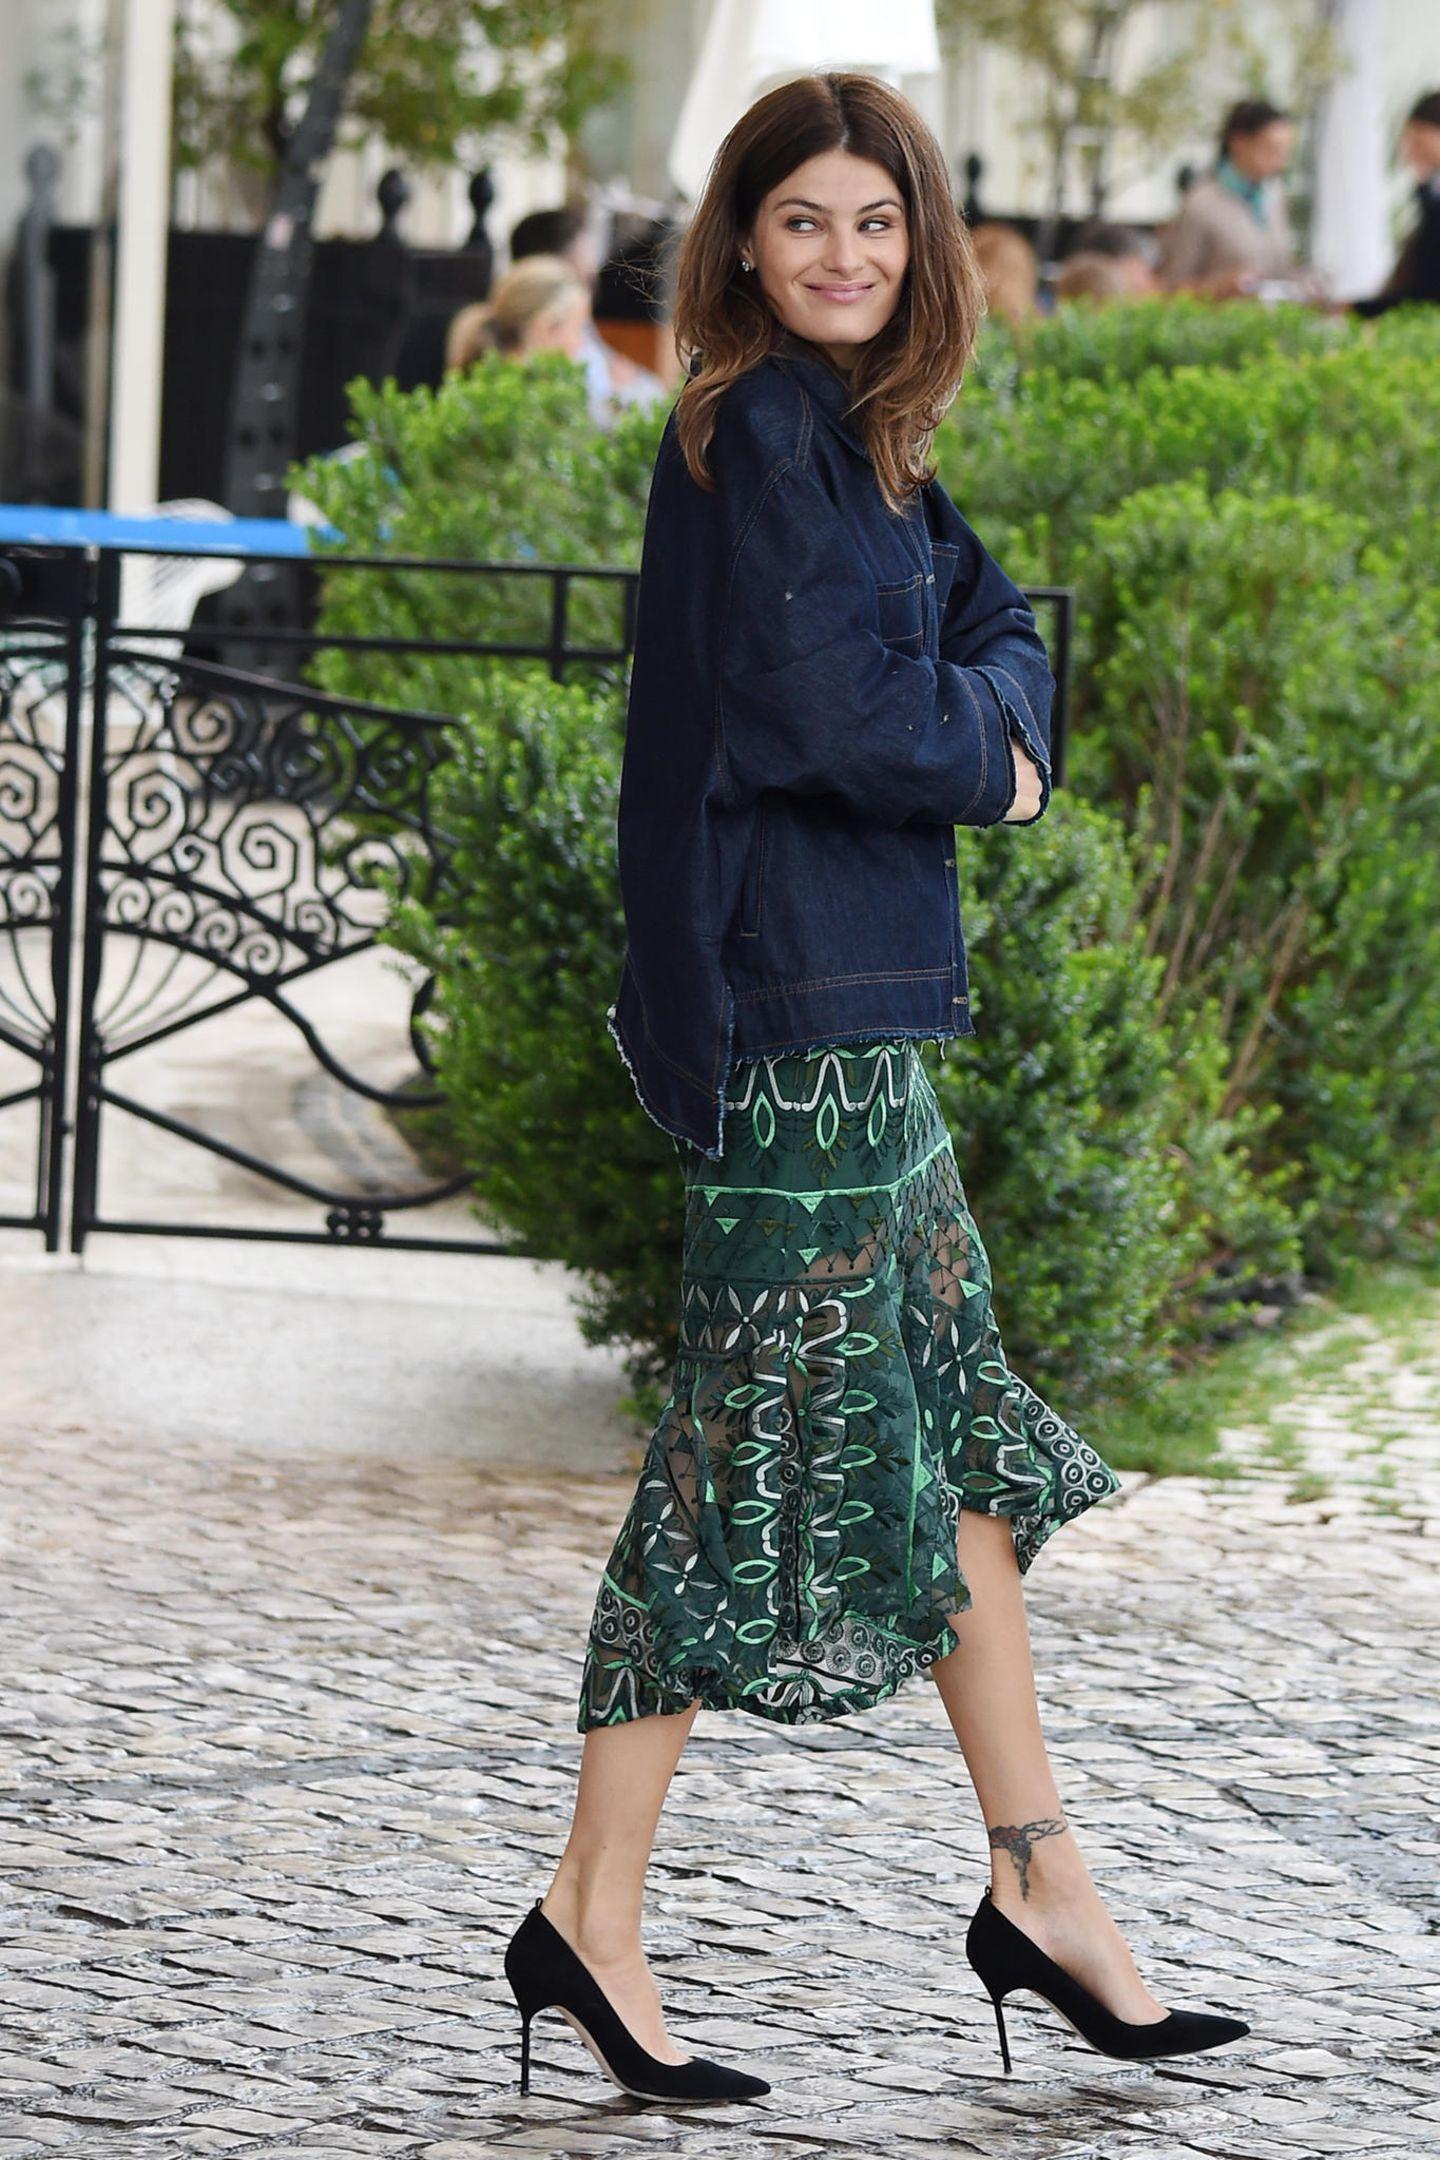 Isabeli Fontana hüllt sich in eine dunkelblaue Jeansjacke. Scheint, als sei ihr das grün-gemusterte Kleidchen, das sie darunter trägt, zu kalt.